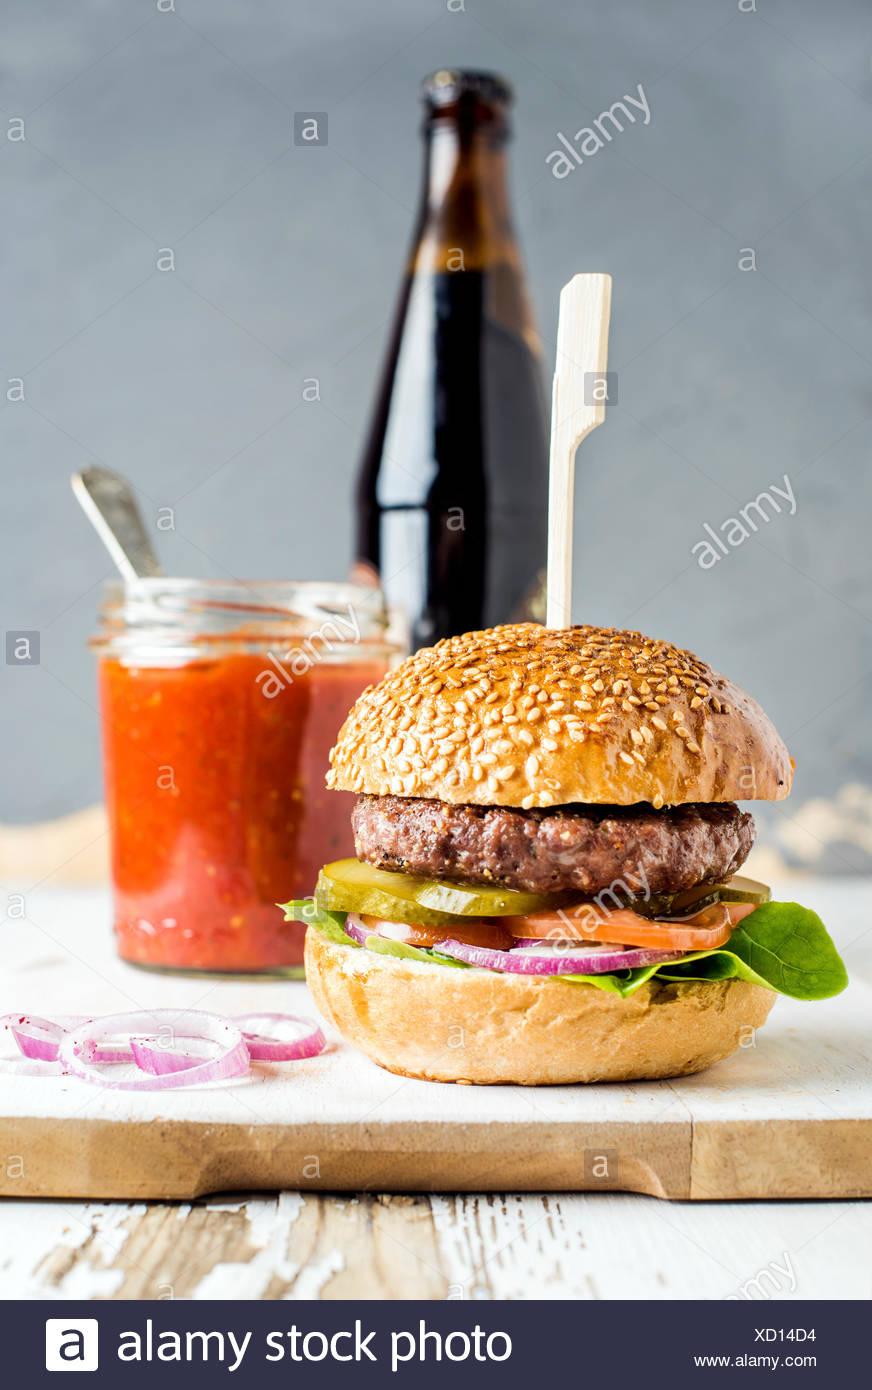 Frische hausgemachte Burger an Bord der weißen Holz serviert mit Zwiebelringen, Salsa-Sauce und Flasche Bier auf weißem Hintergrund, sele Stockbild